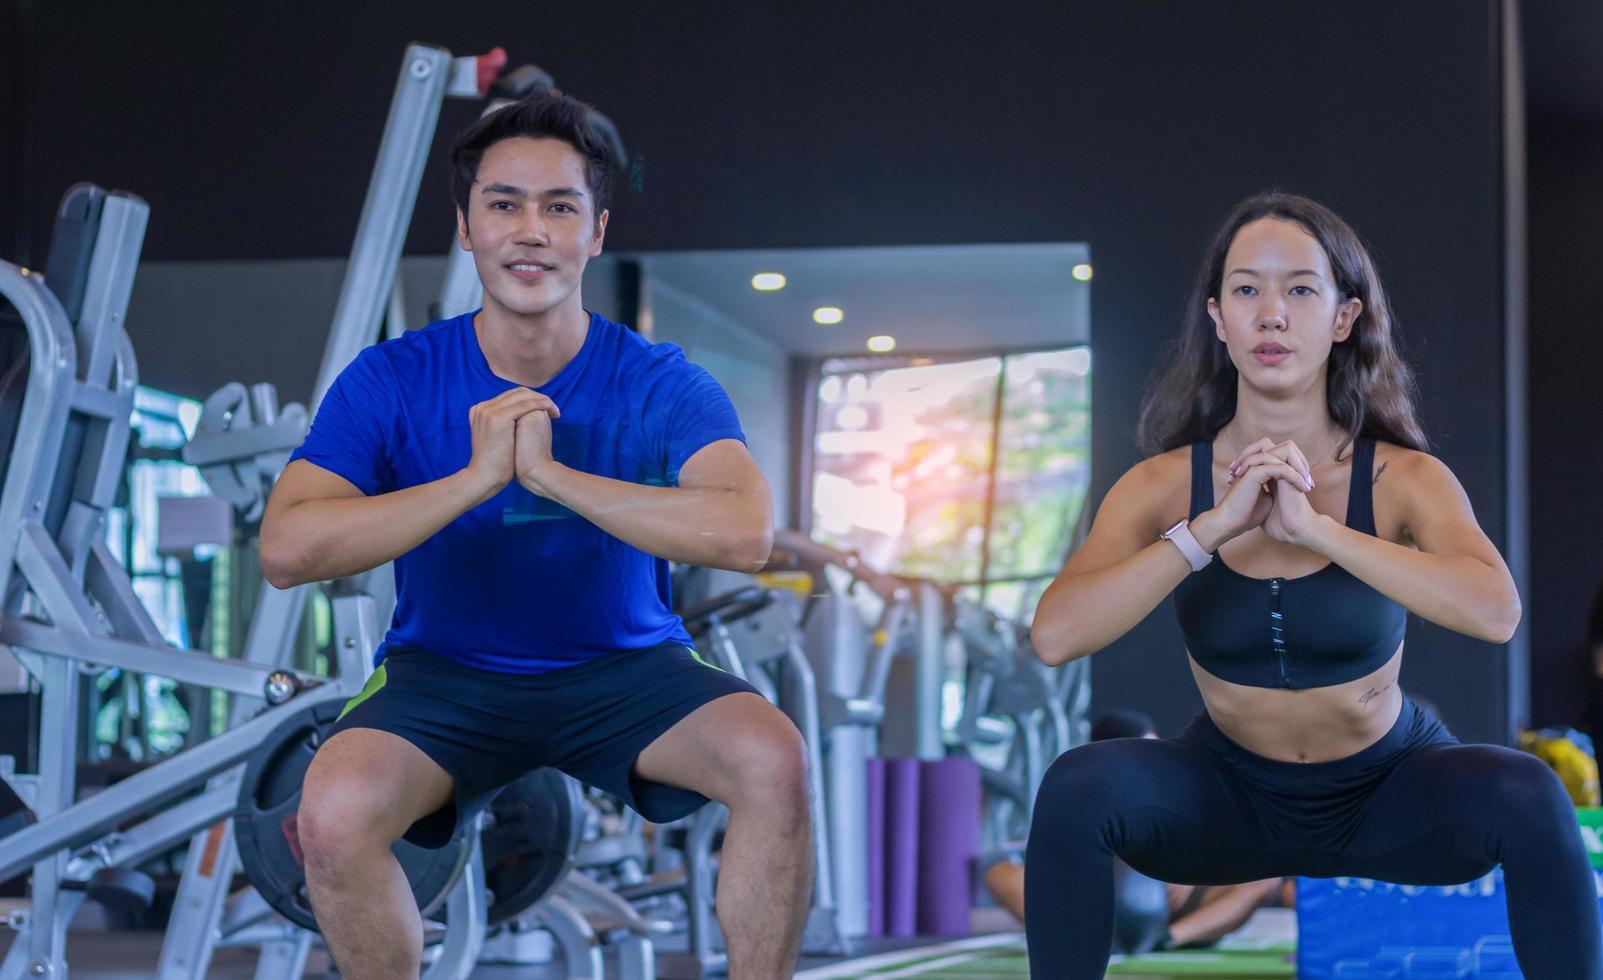 belle femme asiatique fait de l'exercice dans une salle de sport avec un entraîneur personnel fitness bel homme photo